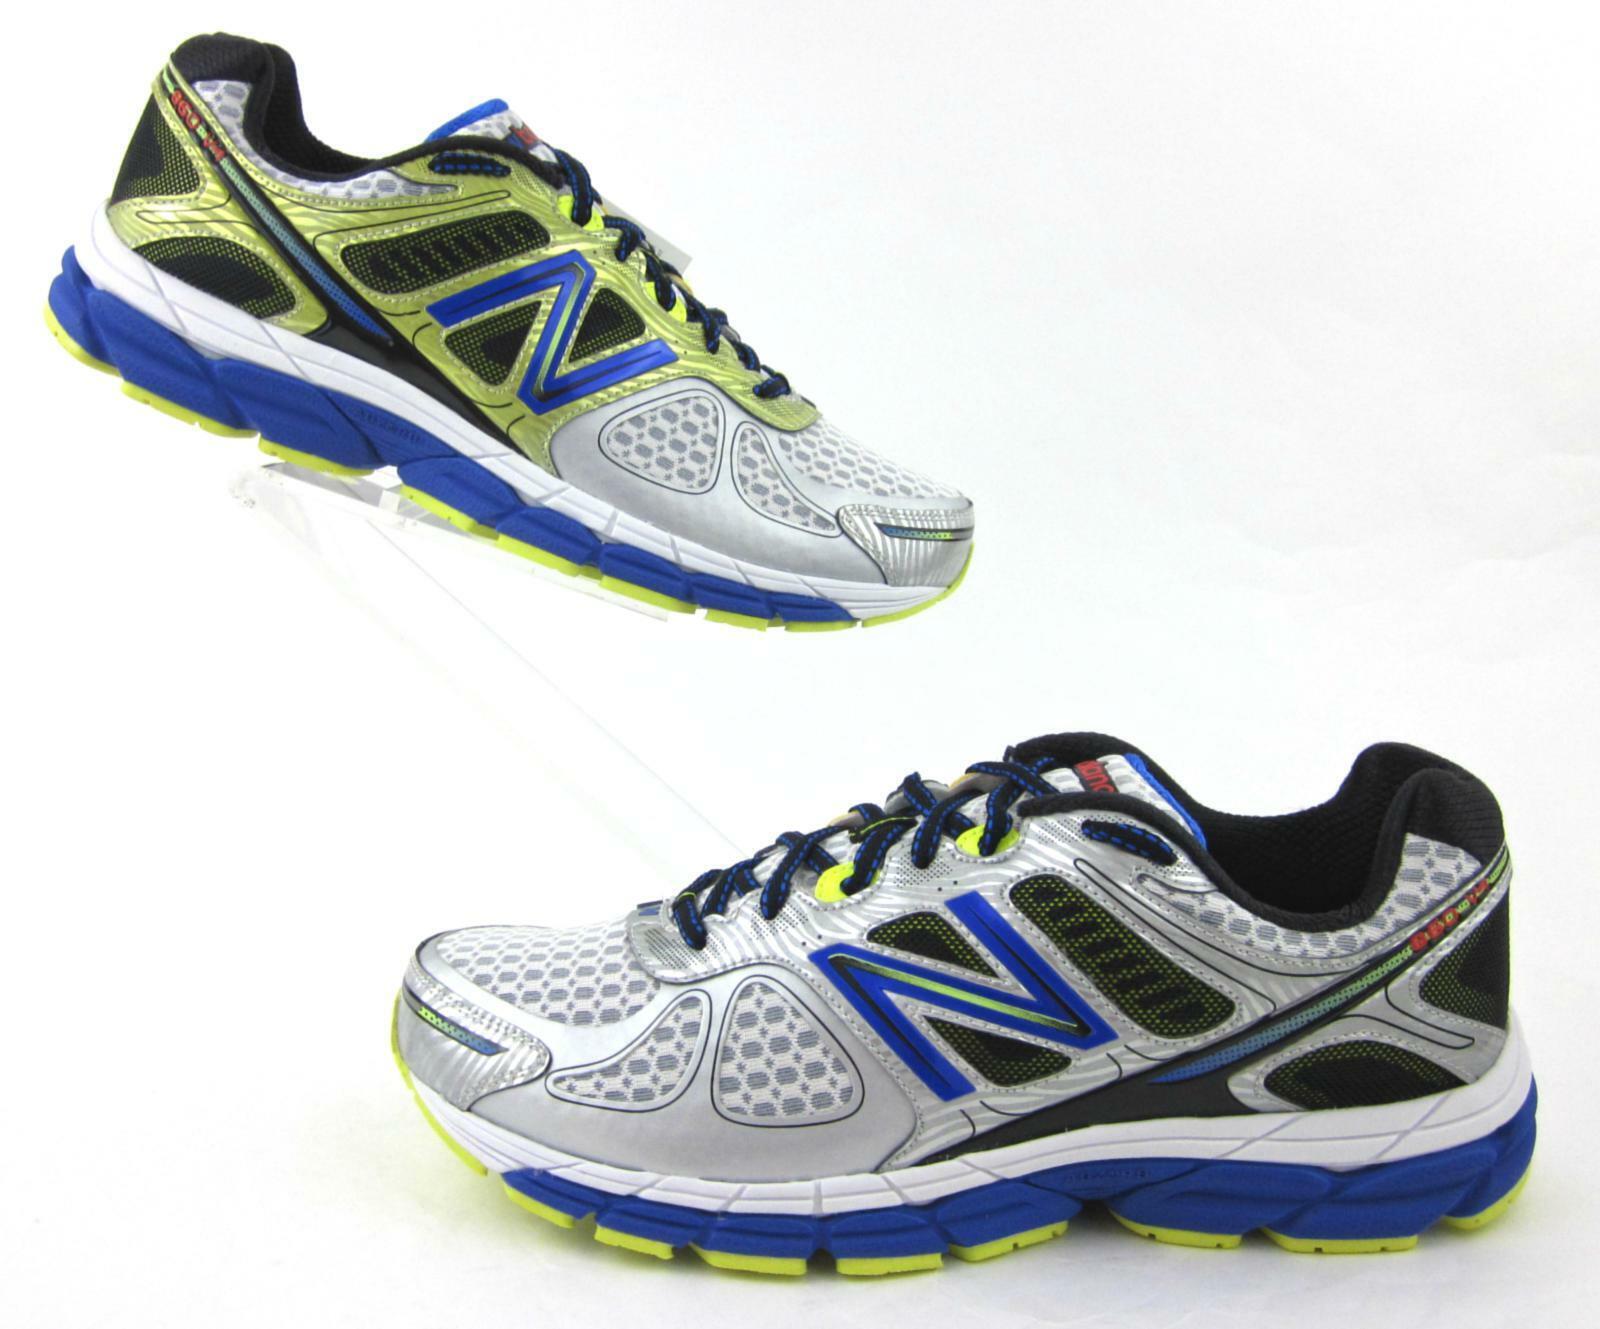 Neuf avec étiquettes   nouveau   860v4 Chaussures De Course Argent Bleu 13 US 2E grand